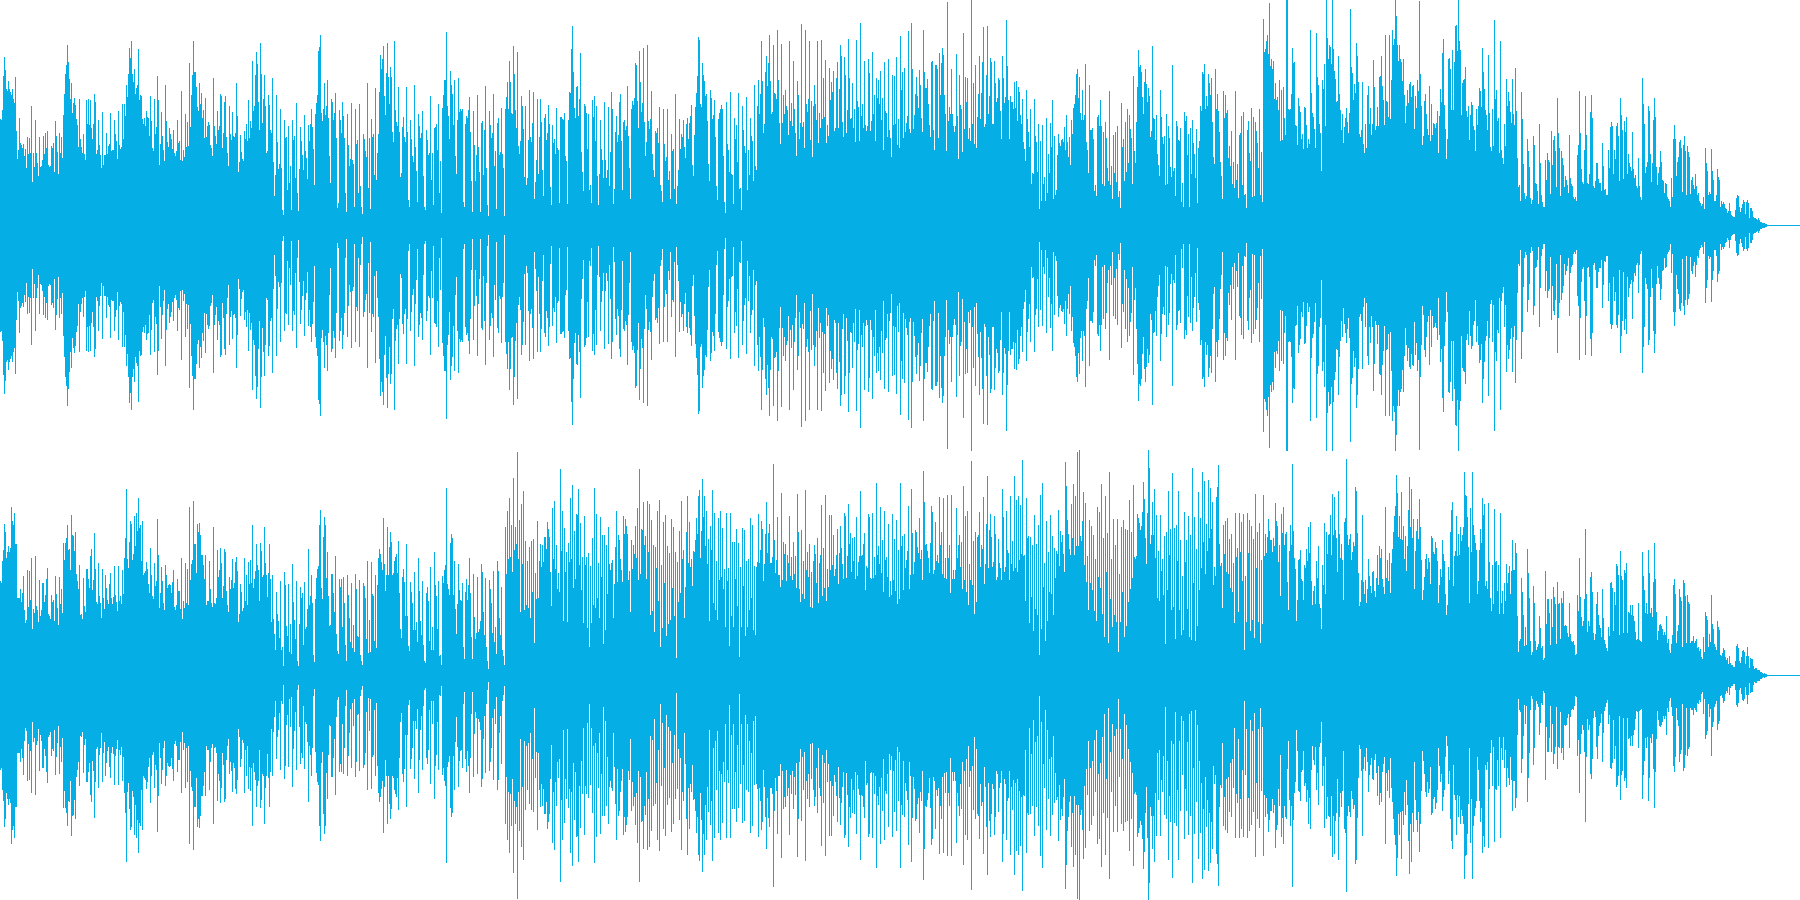 シンプルなオーガニックテクノの再生済みの波形